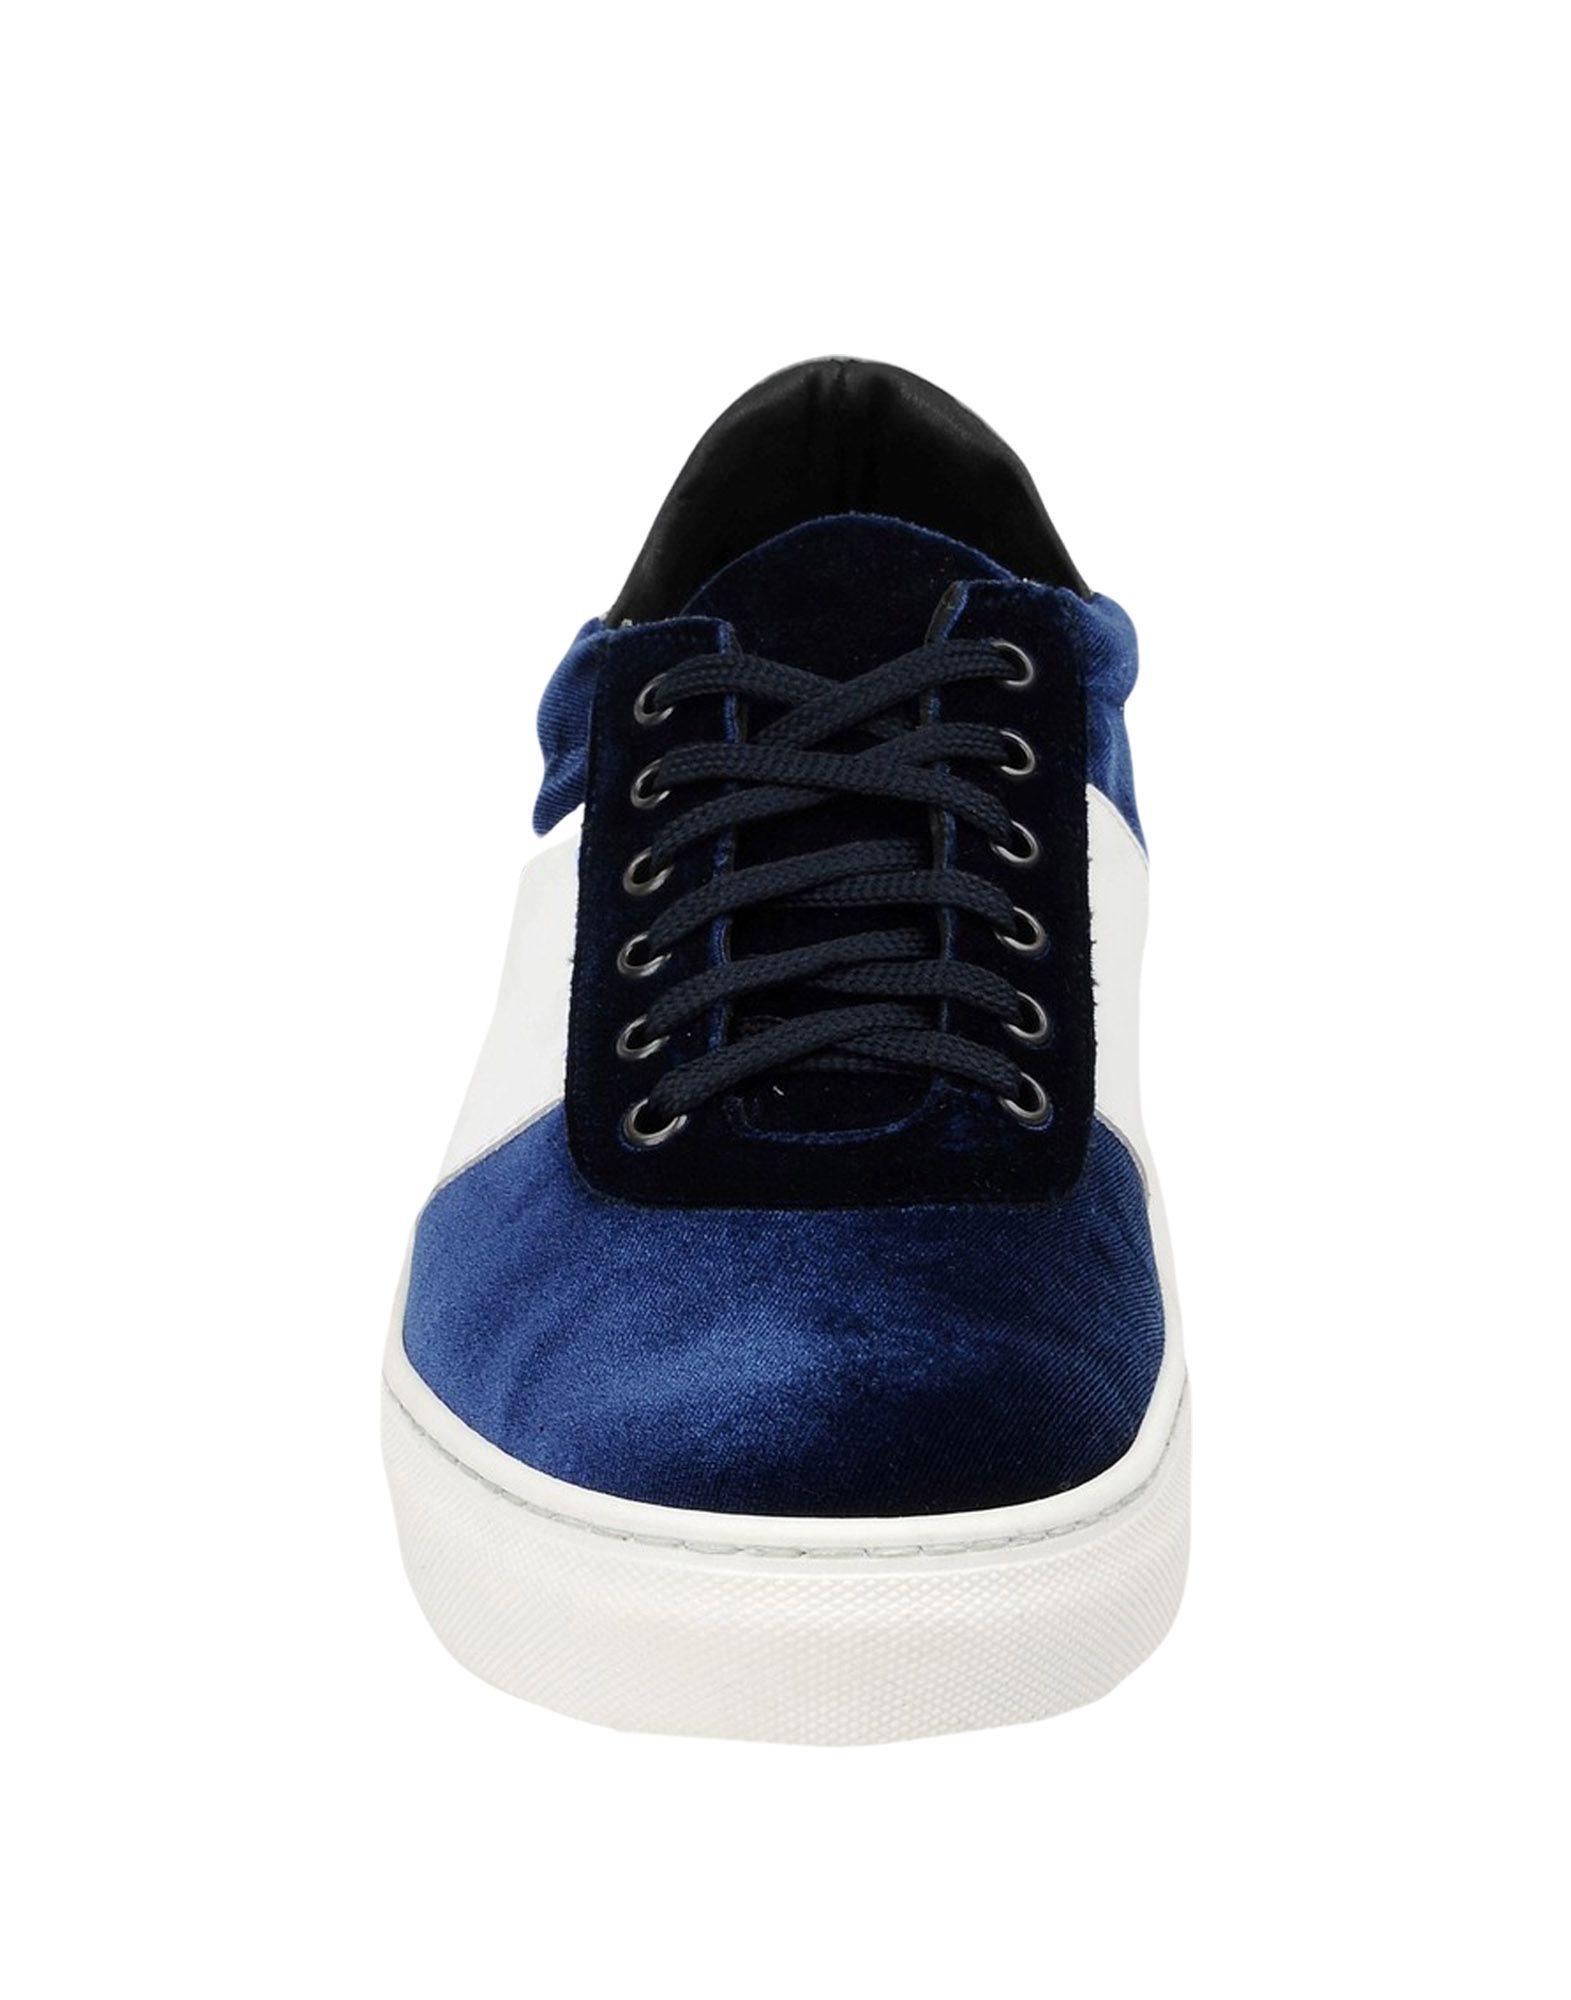 11393330RC 8 Sneakers Herren  11393330RC  2fc628